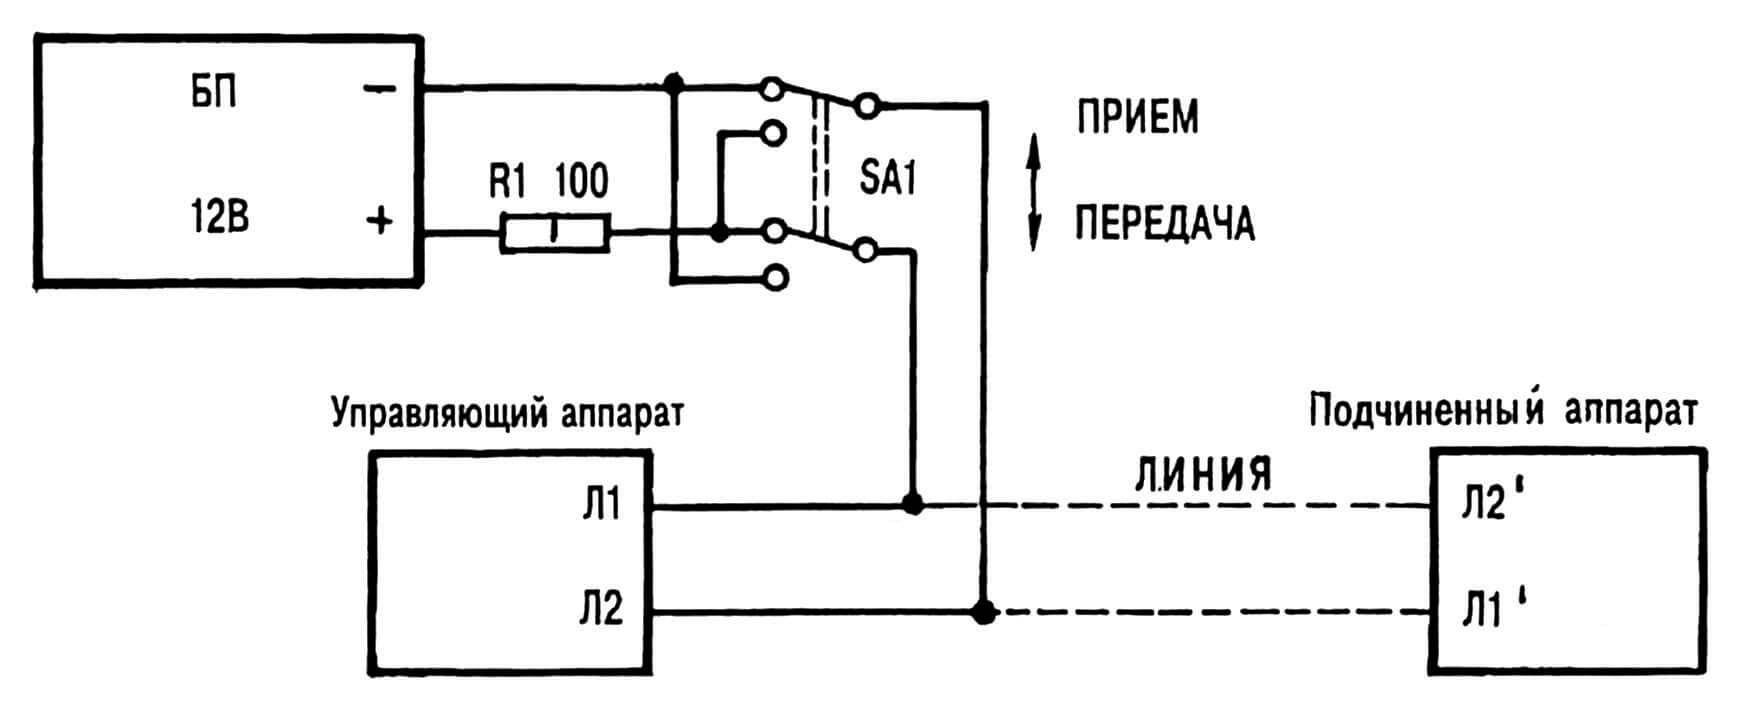 Рис. 2. Подключение аппаратуры к блоку электропитания.